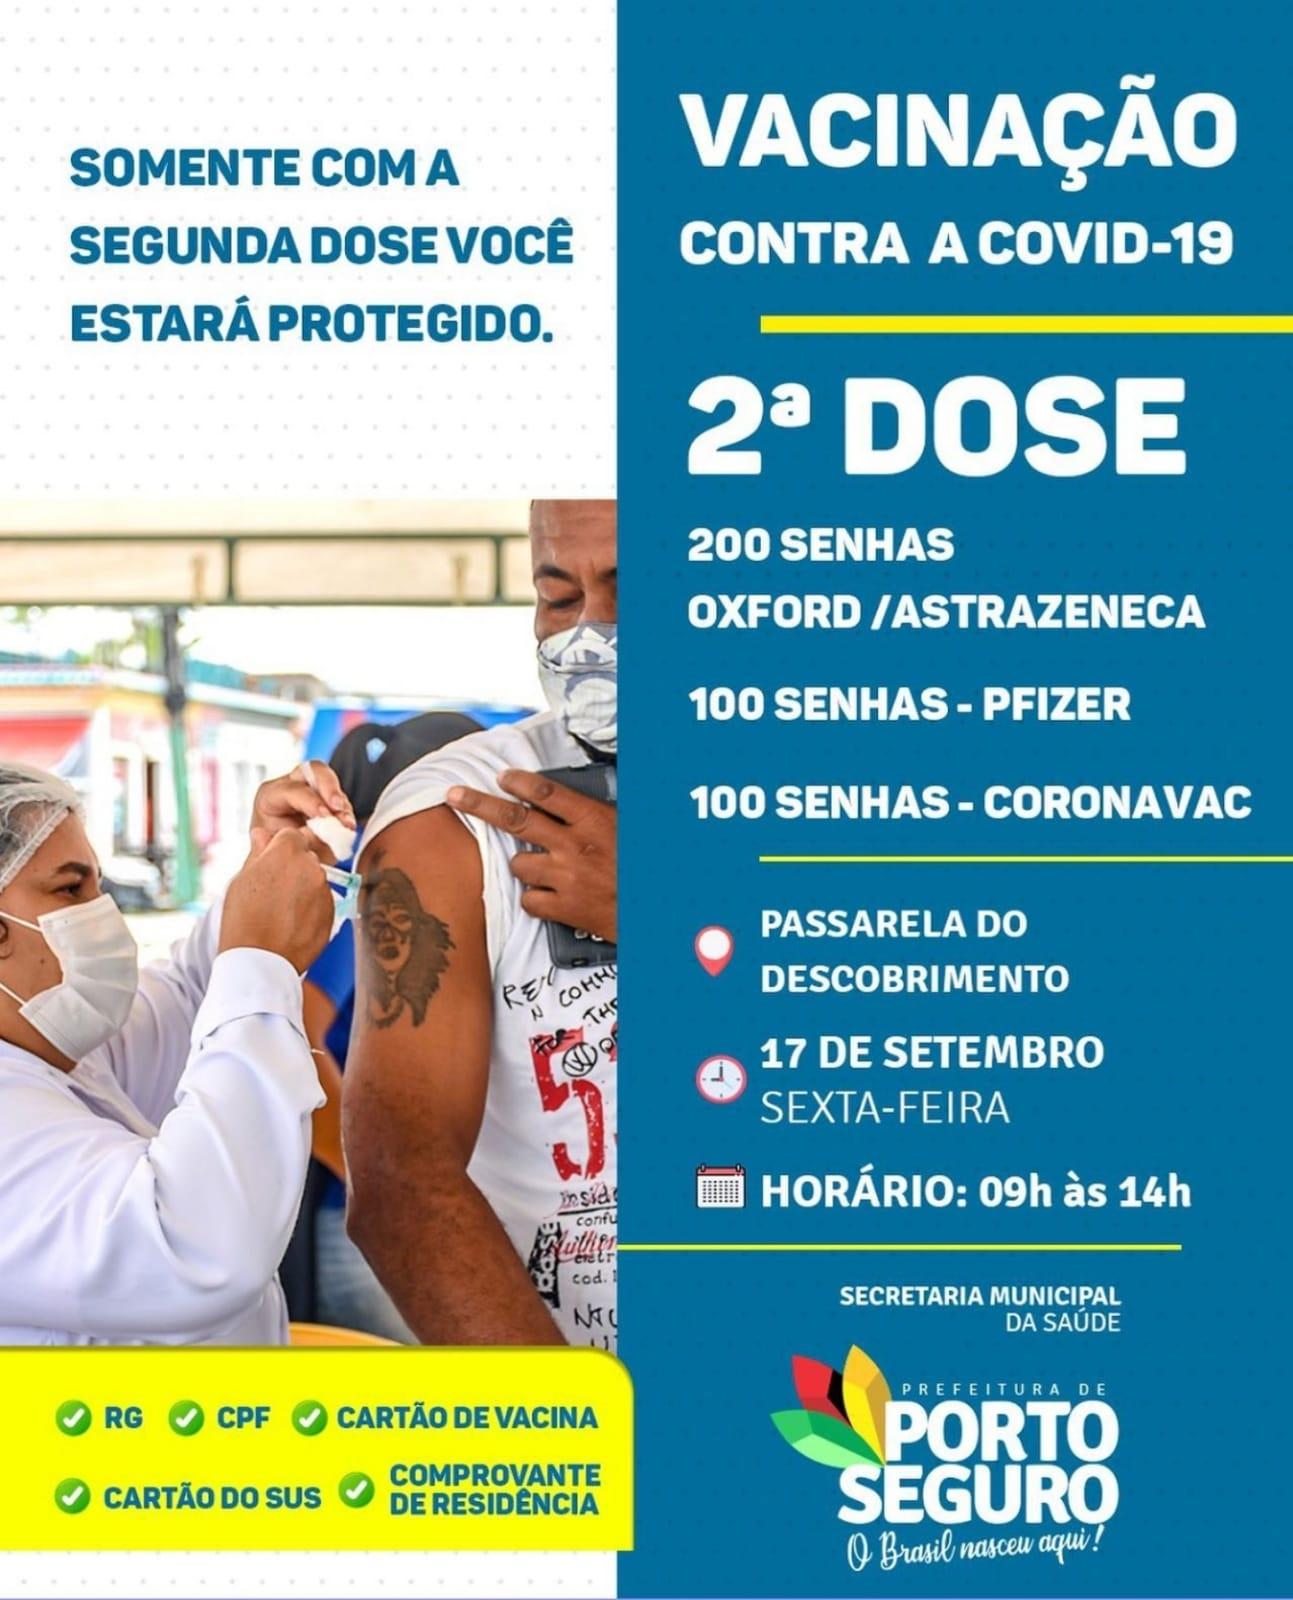 Porto Seguro: Cronograma de Vacinação contra a Covid-19 (17 de SETEMBRO) 29